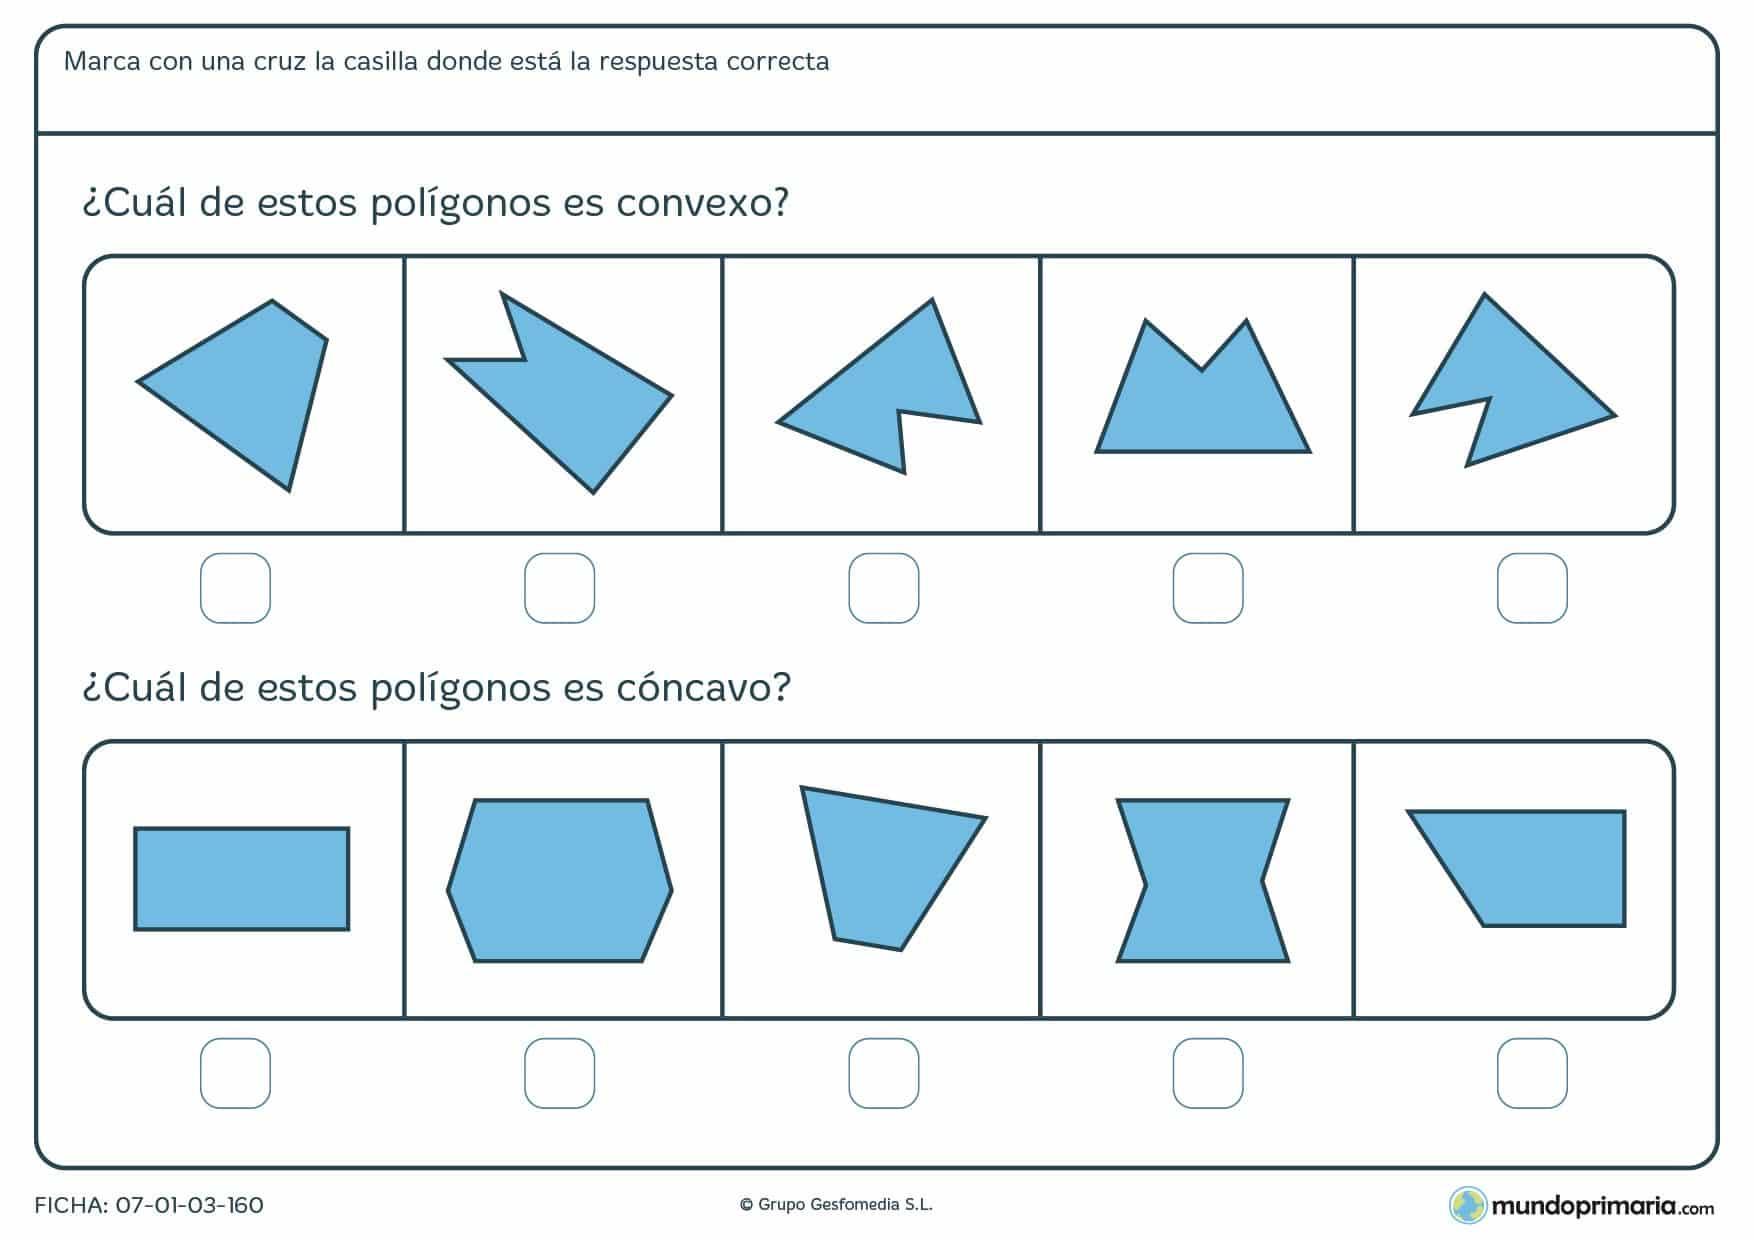 Ficha de convexos para señalar cuál es convexo o cuál concavo de los siguientes polígonos.